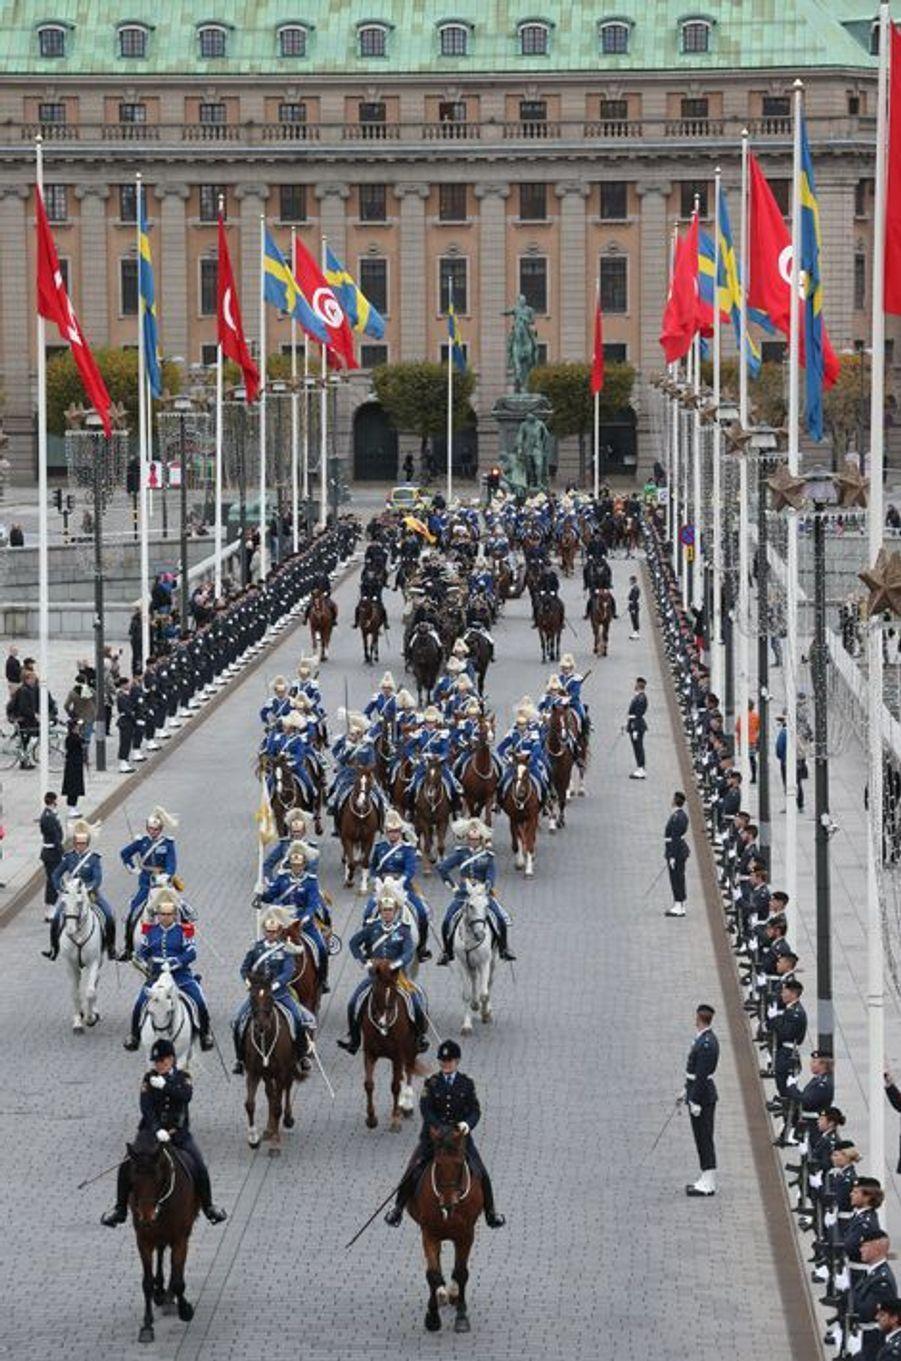 Accueil par le roi et la reine de Suède du président tunisien Béji Caïd Essebsi à Stockholm,le 4 novembre 2015